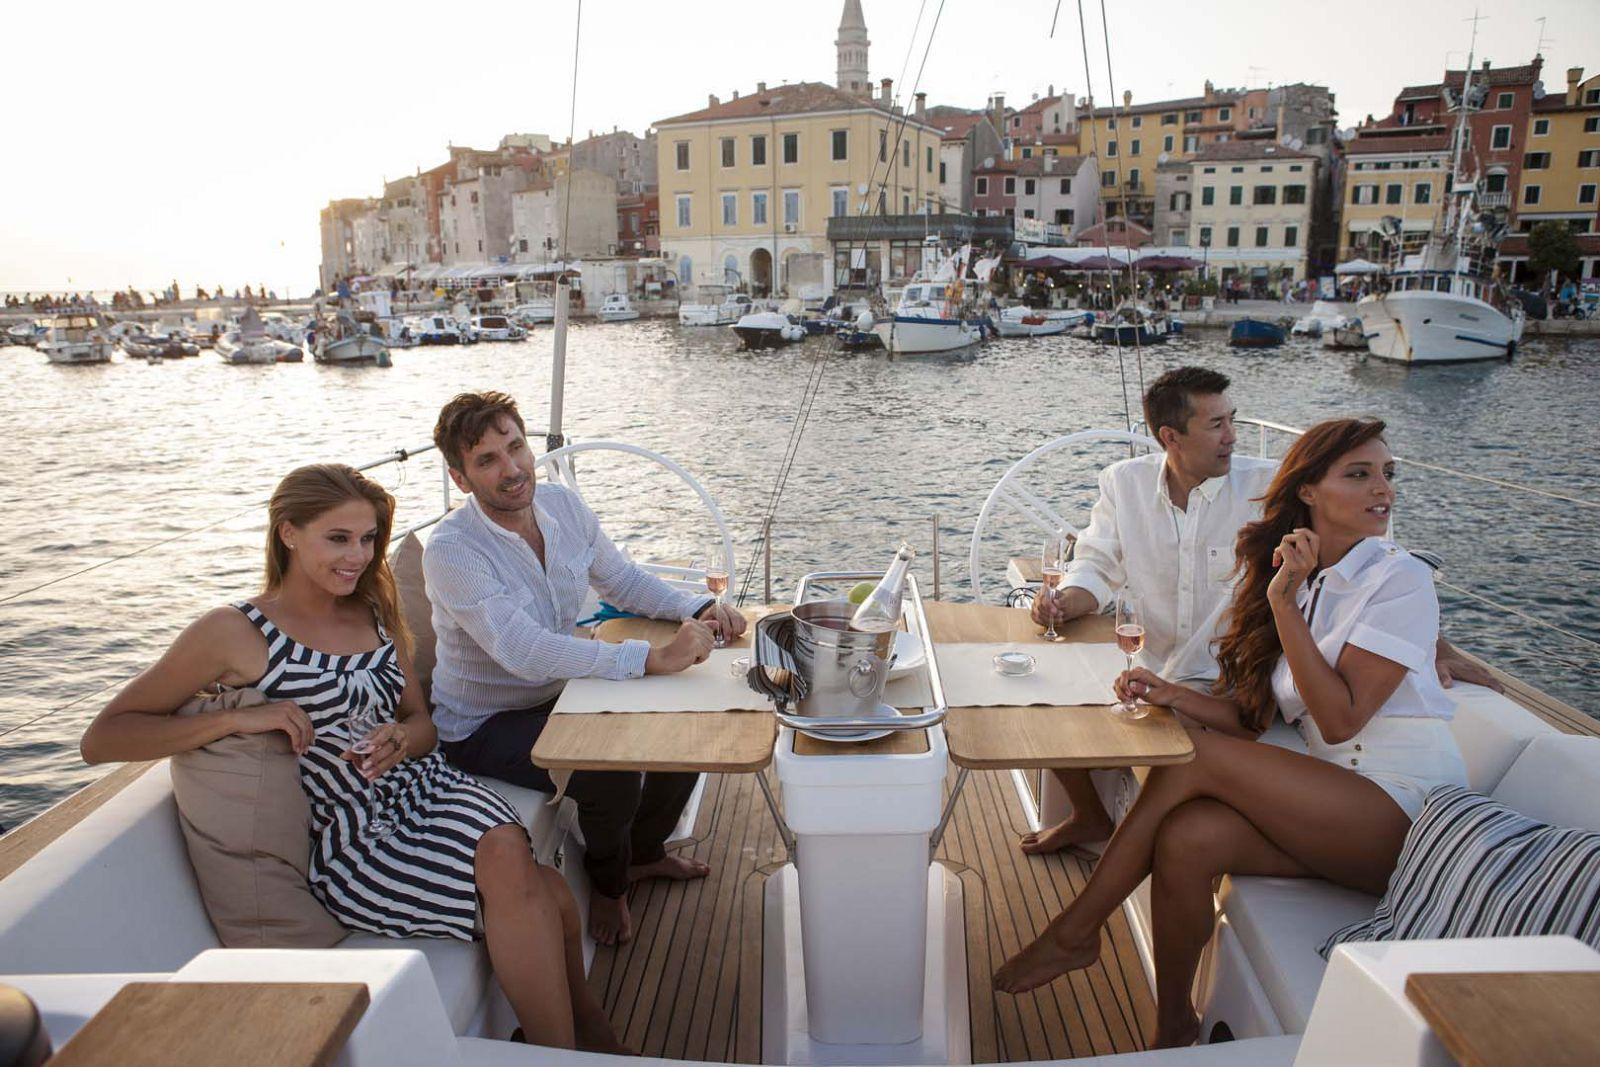 Elan-Yachts-Impression-50-Friends